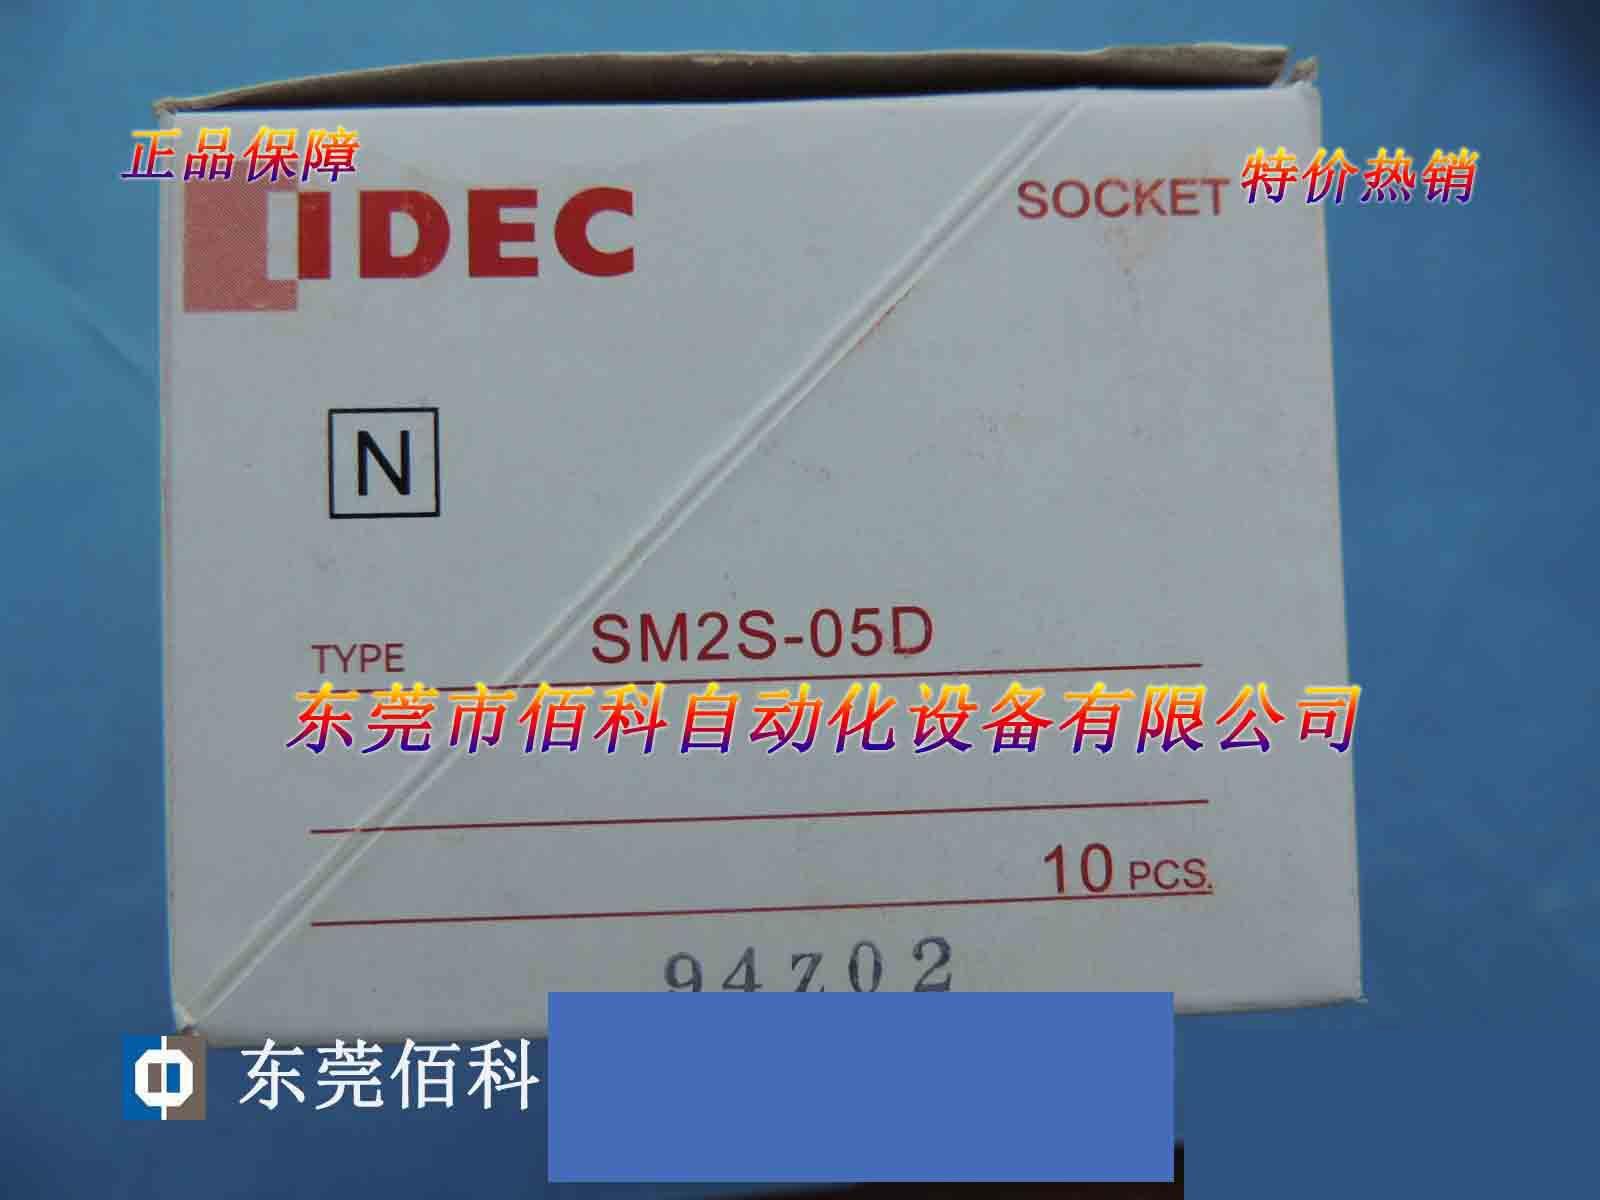 Special special brand new original and spring base SM2D-05DSpecial special brand new original and spring base SM2D-05D